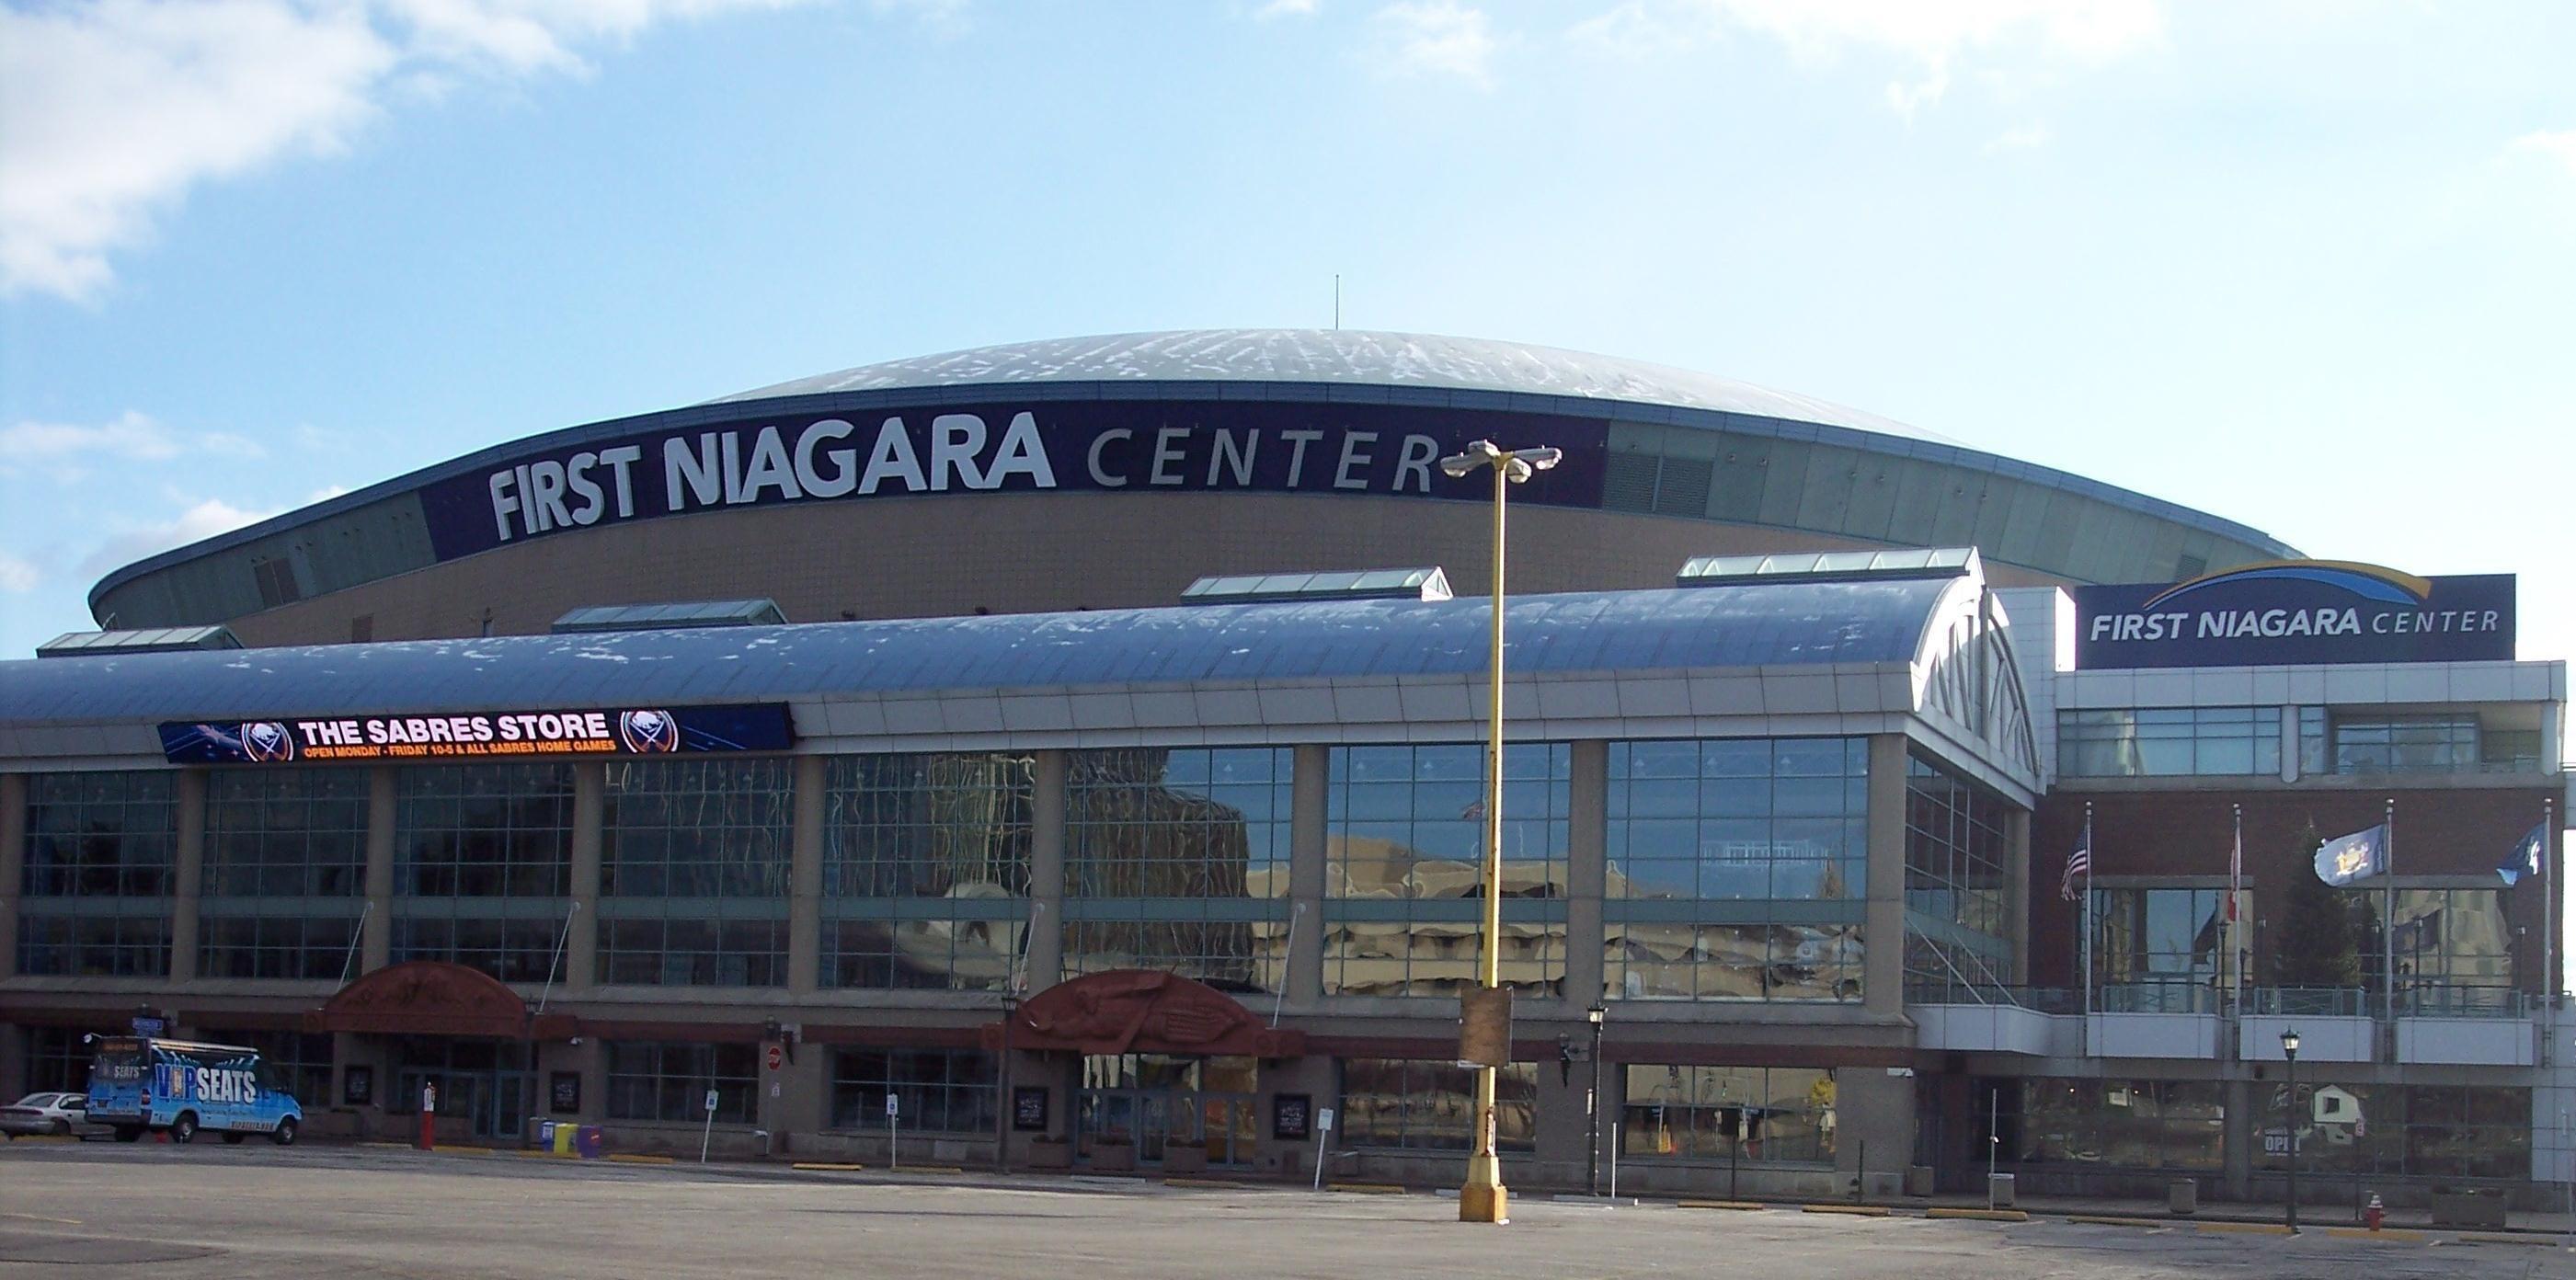 First Niagara Center Home to the Buffalo Sabres